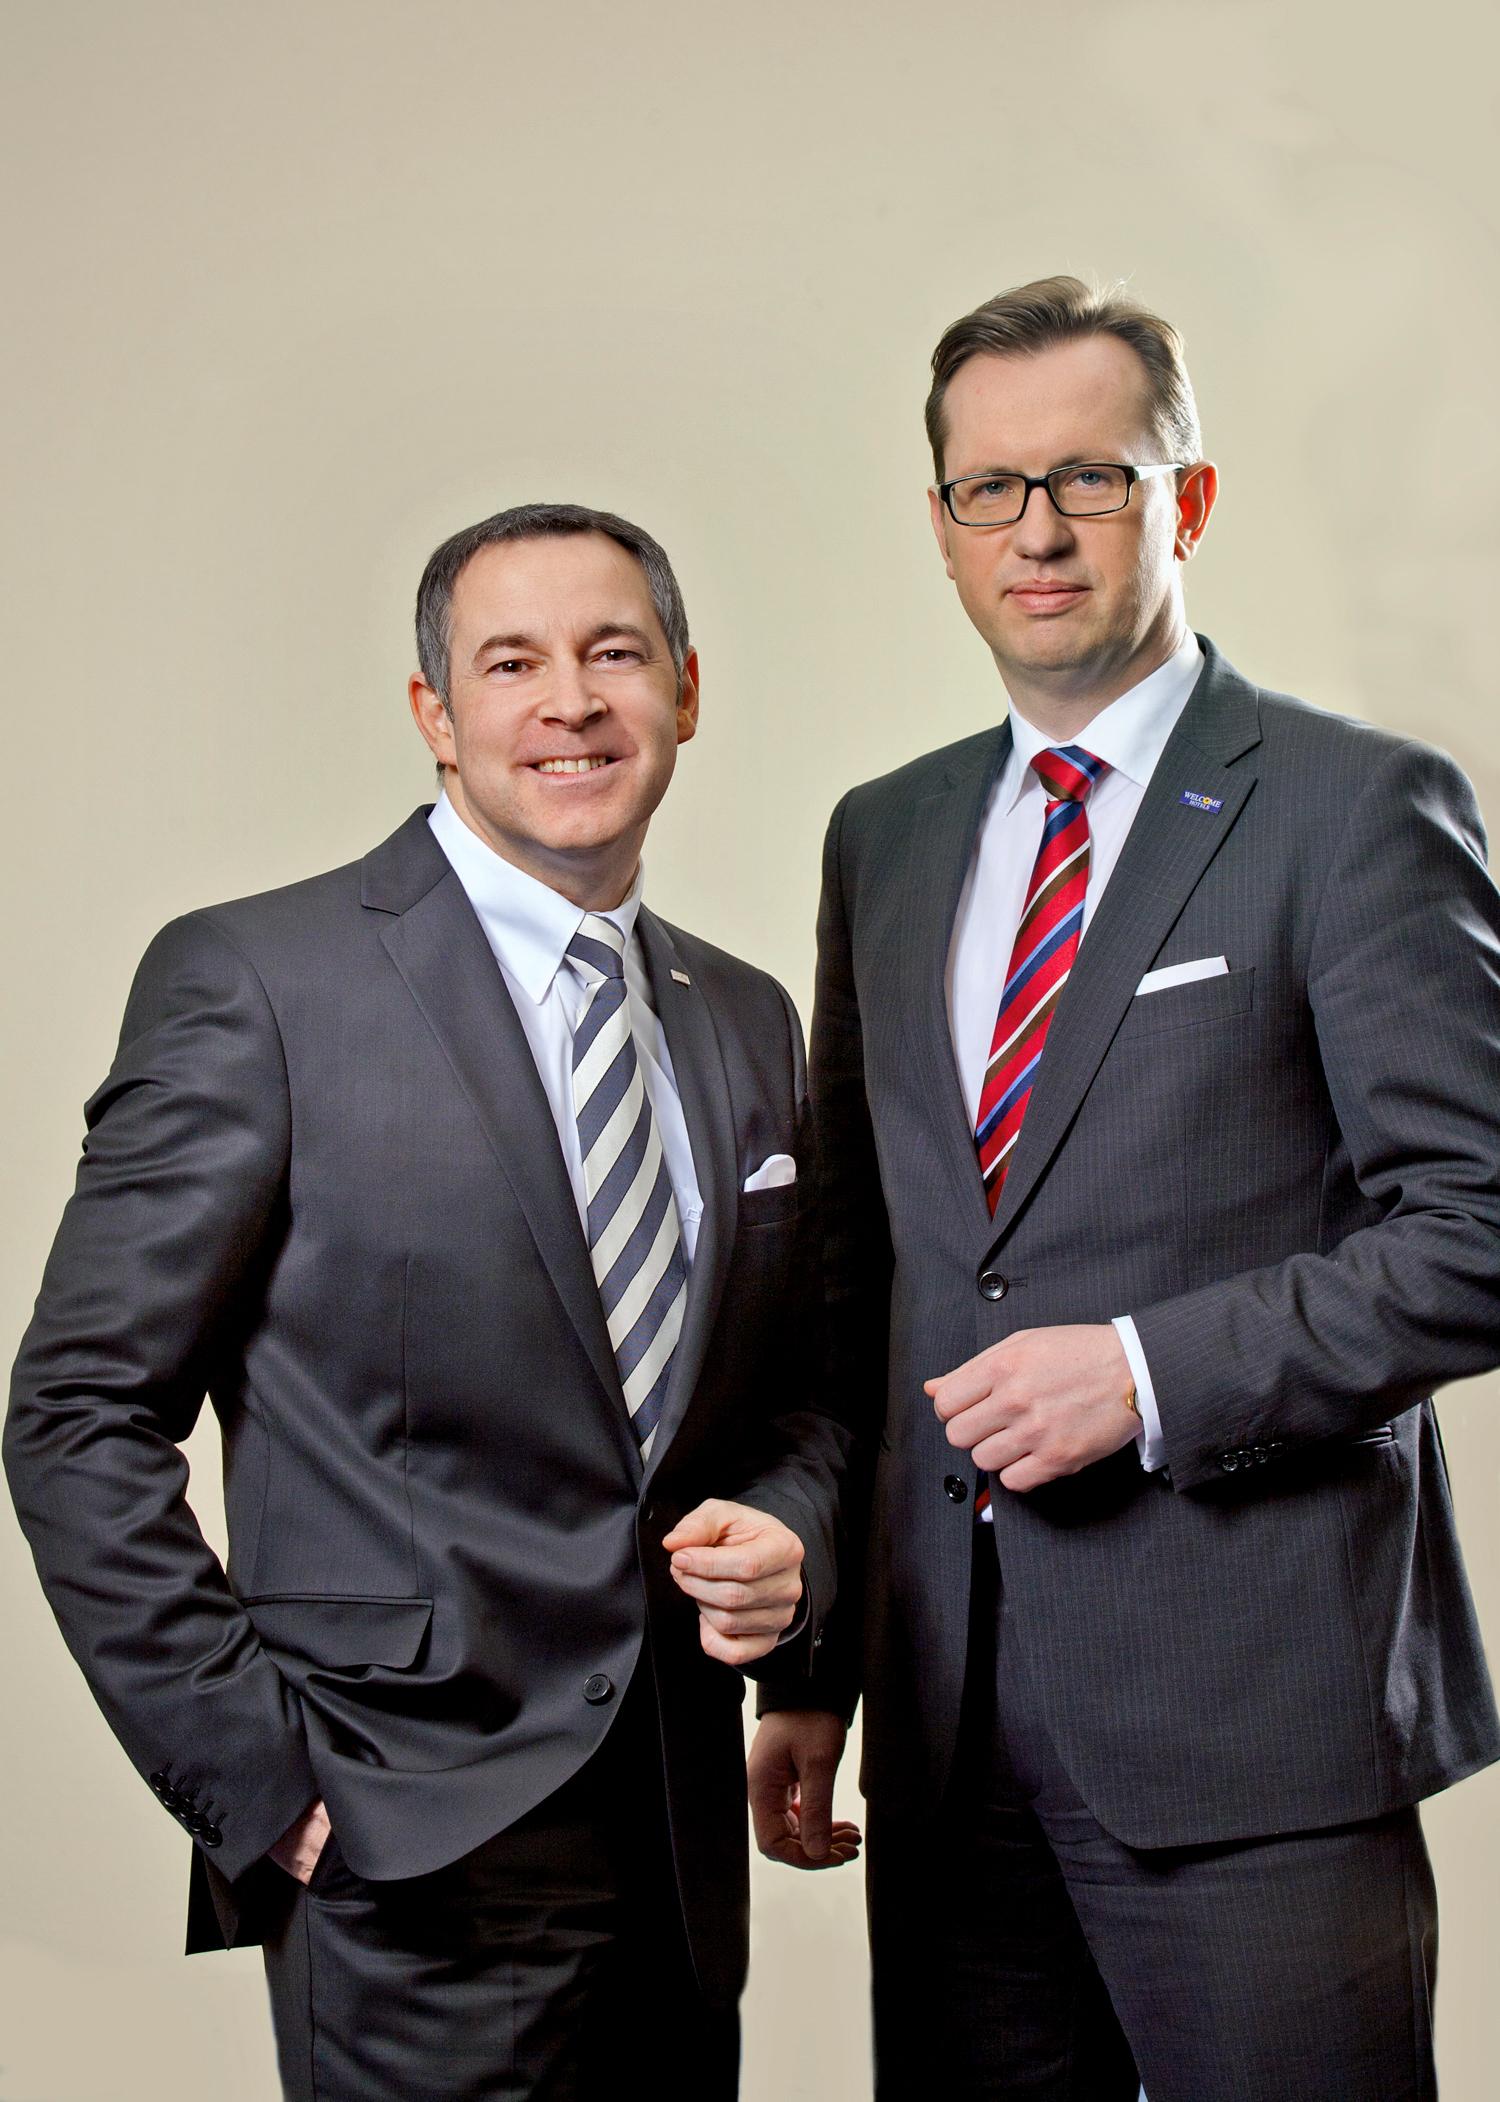 Dream Team im Topmanagement: Mario Pick (links) und Carsten Kritz bringen die Welcome-Hotels mächtig nach vorne